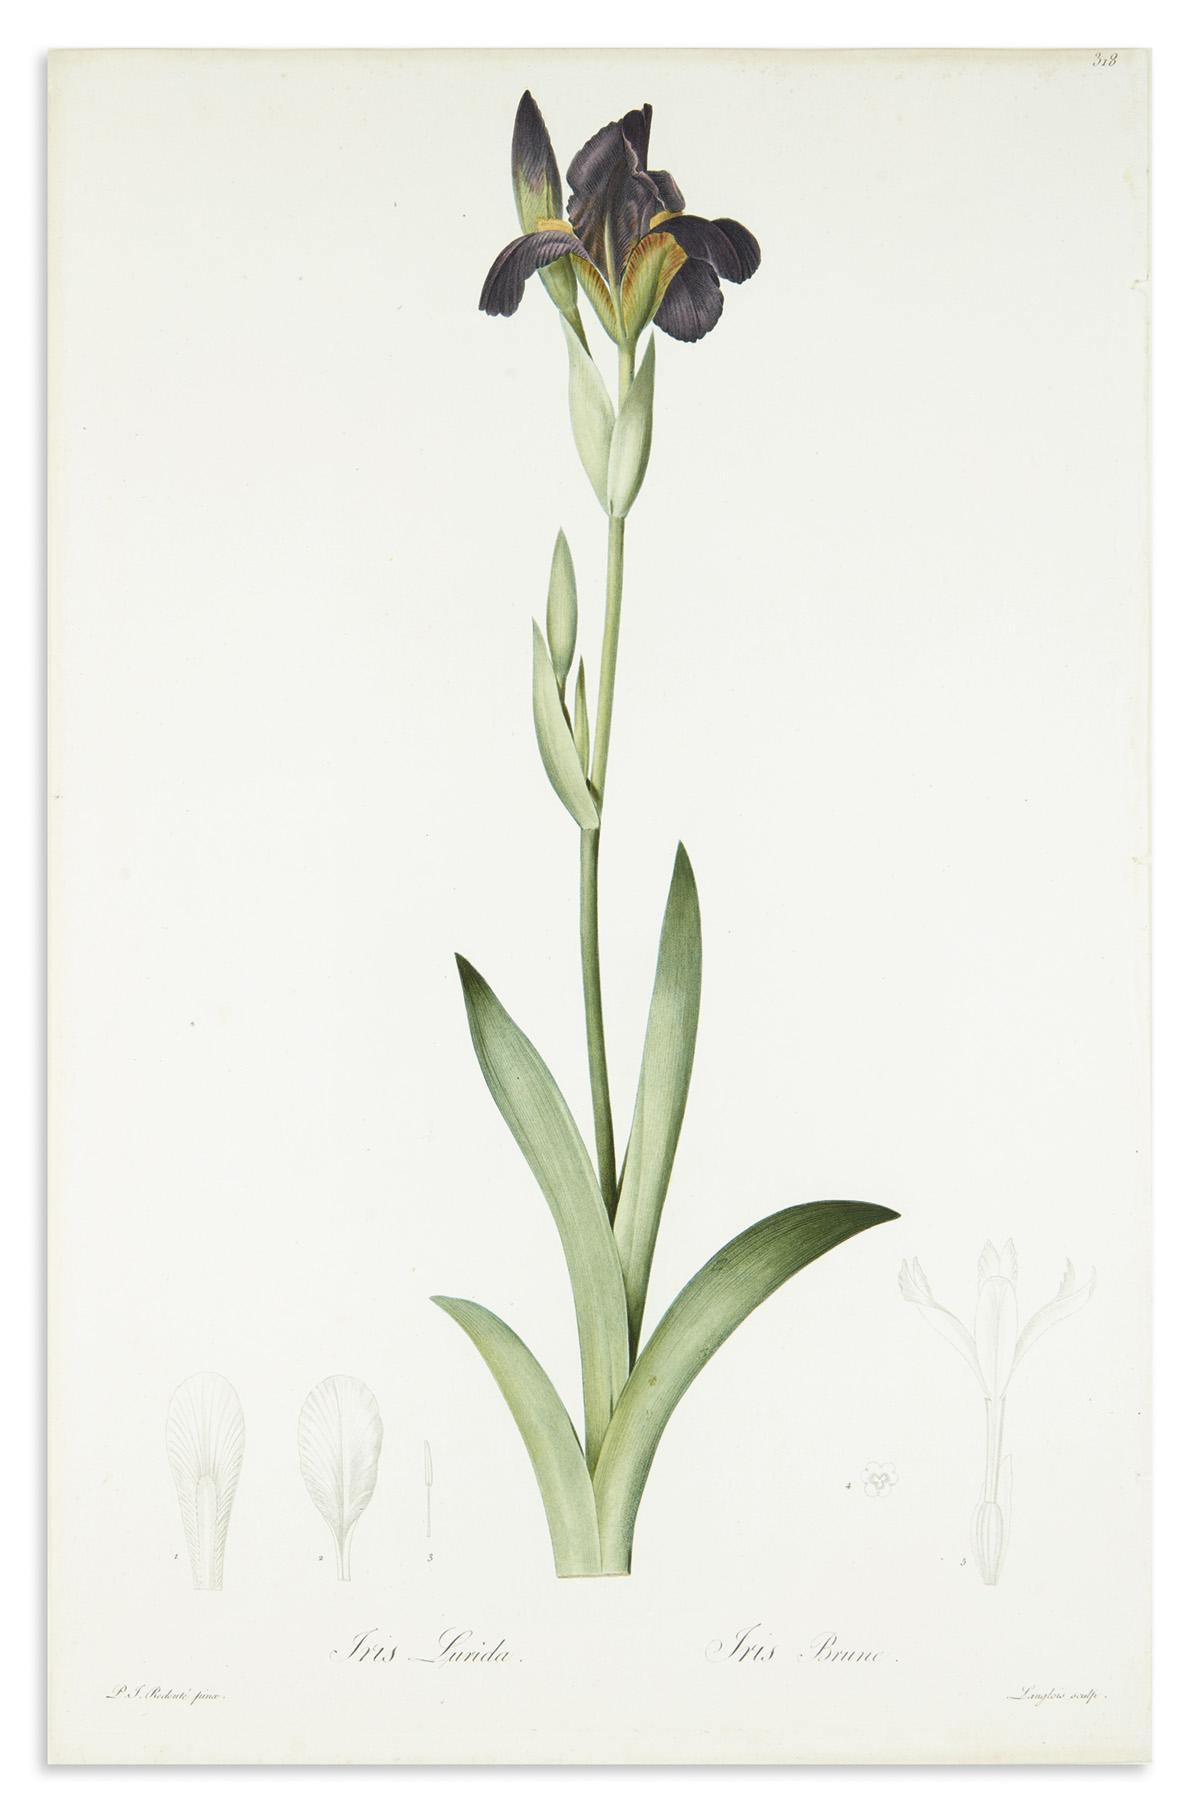 REDOUTÉ-PIERRE-JOSEPH-Iris-Lurida--Iris-Brune-Plate-318-[Bro